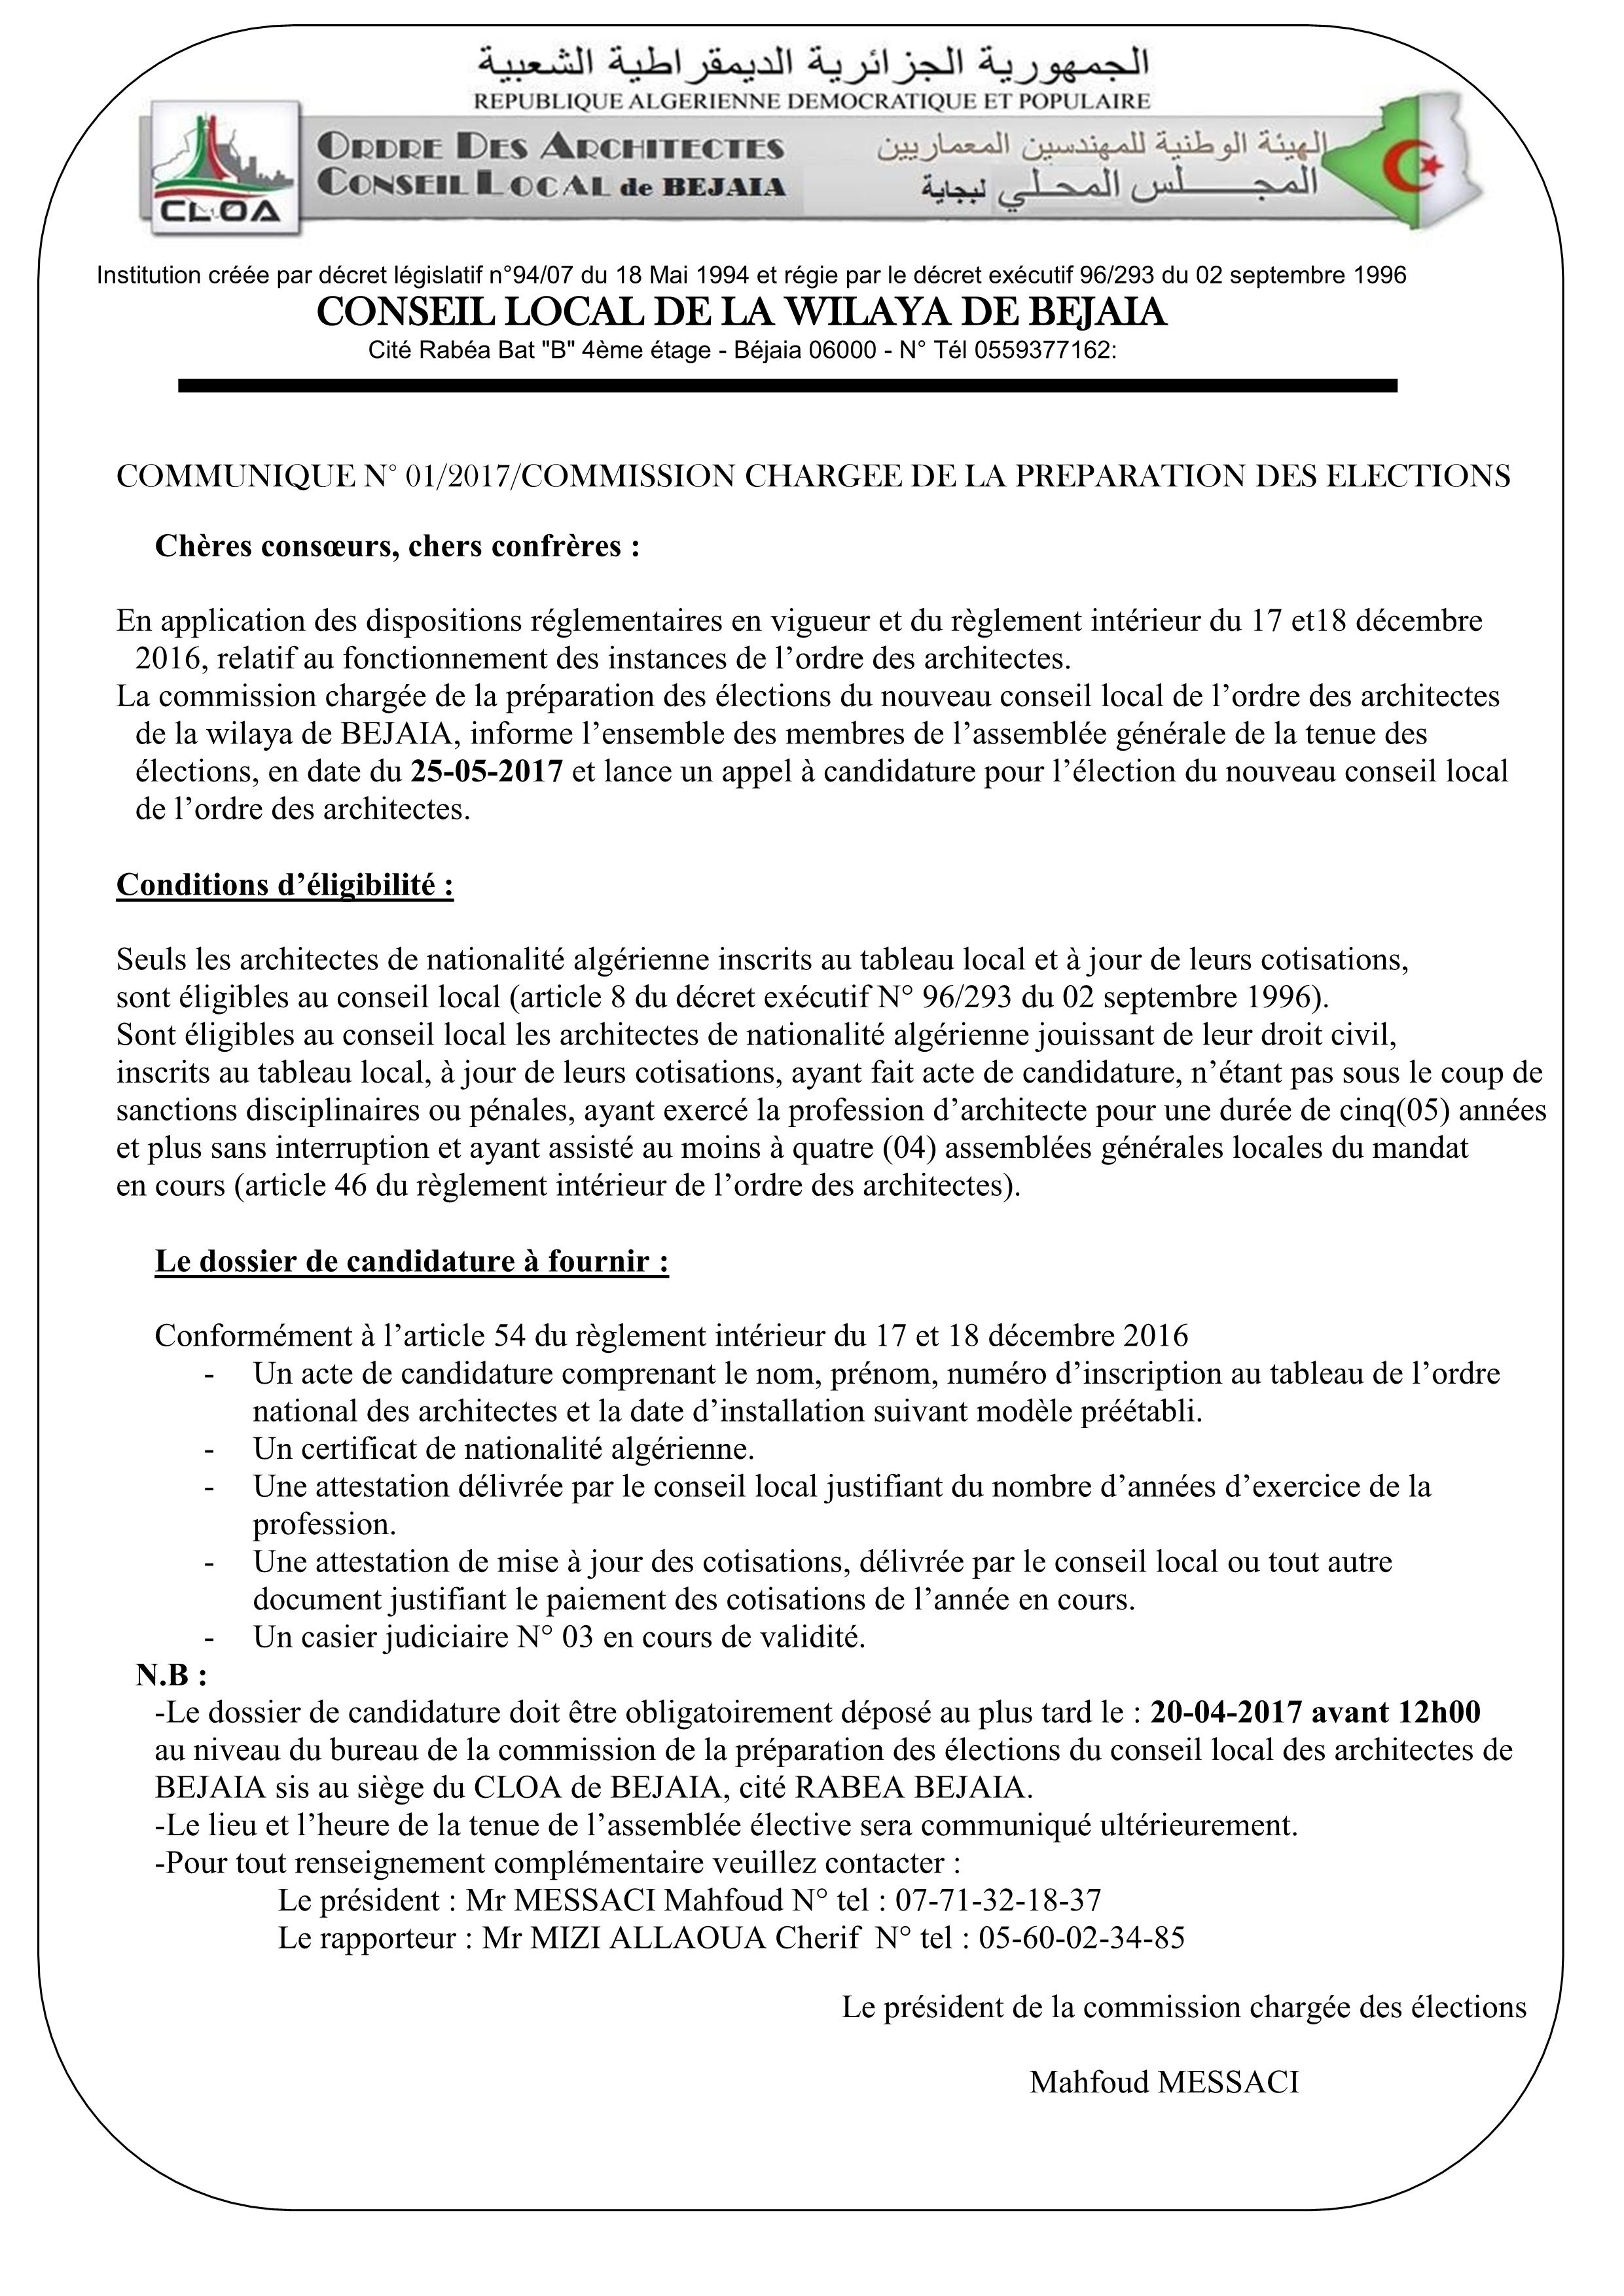 FORMULAIRE ALGERIE TÉLÉCHARGER C20